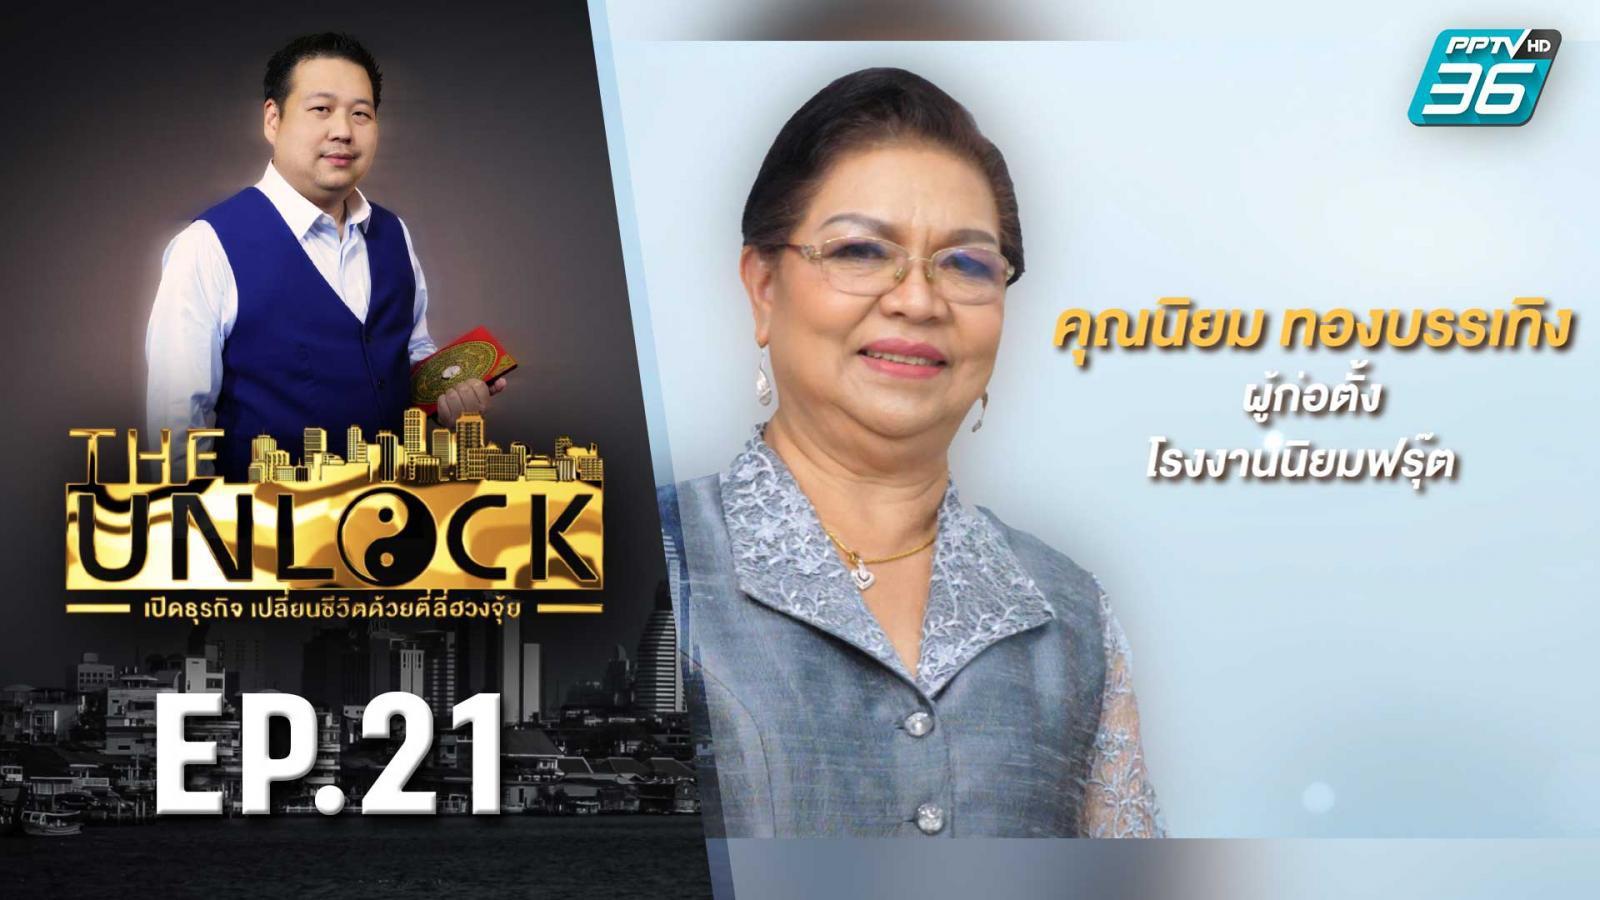 The Unlock เปิดธุรกิจ เปลี่ยนชีวิตด้วยตี่ลี่ฮวงจุ้ย | โรงงานผลไม้แช่แข็ง EP.21 | PPTVHD 36